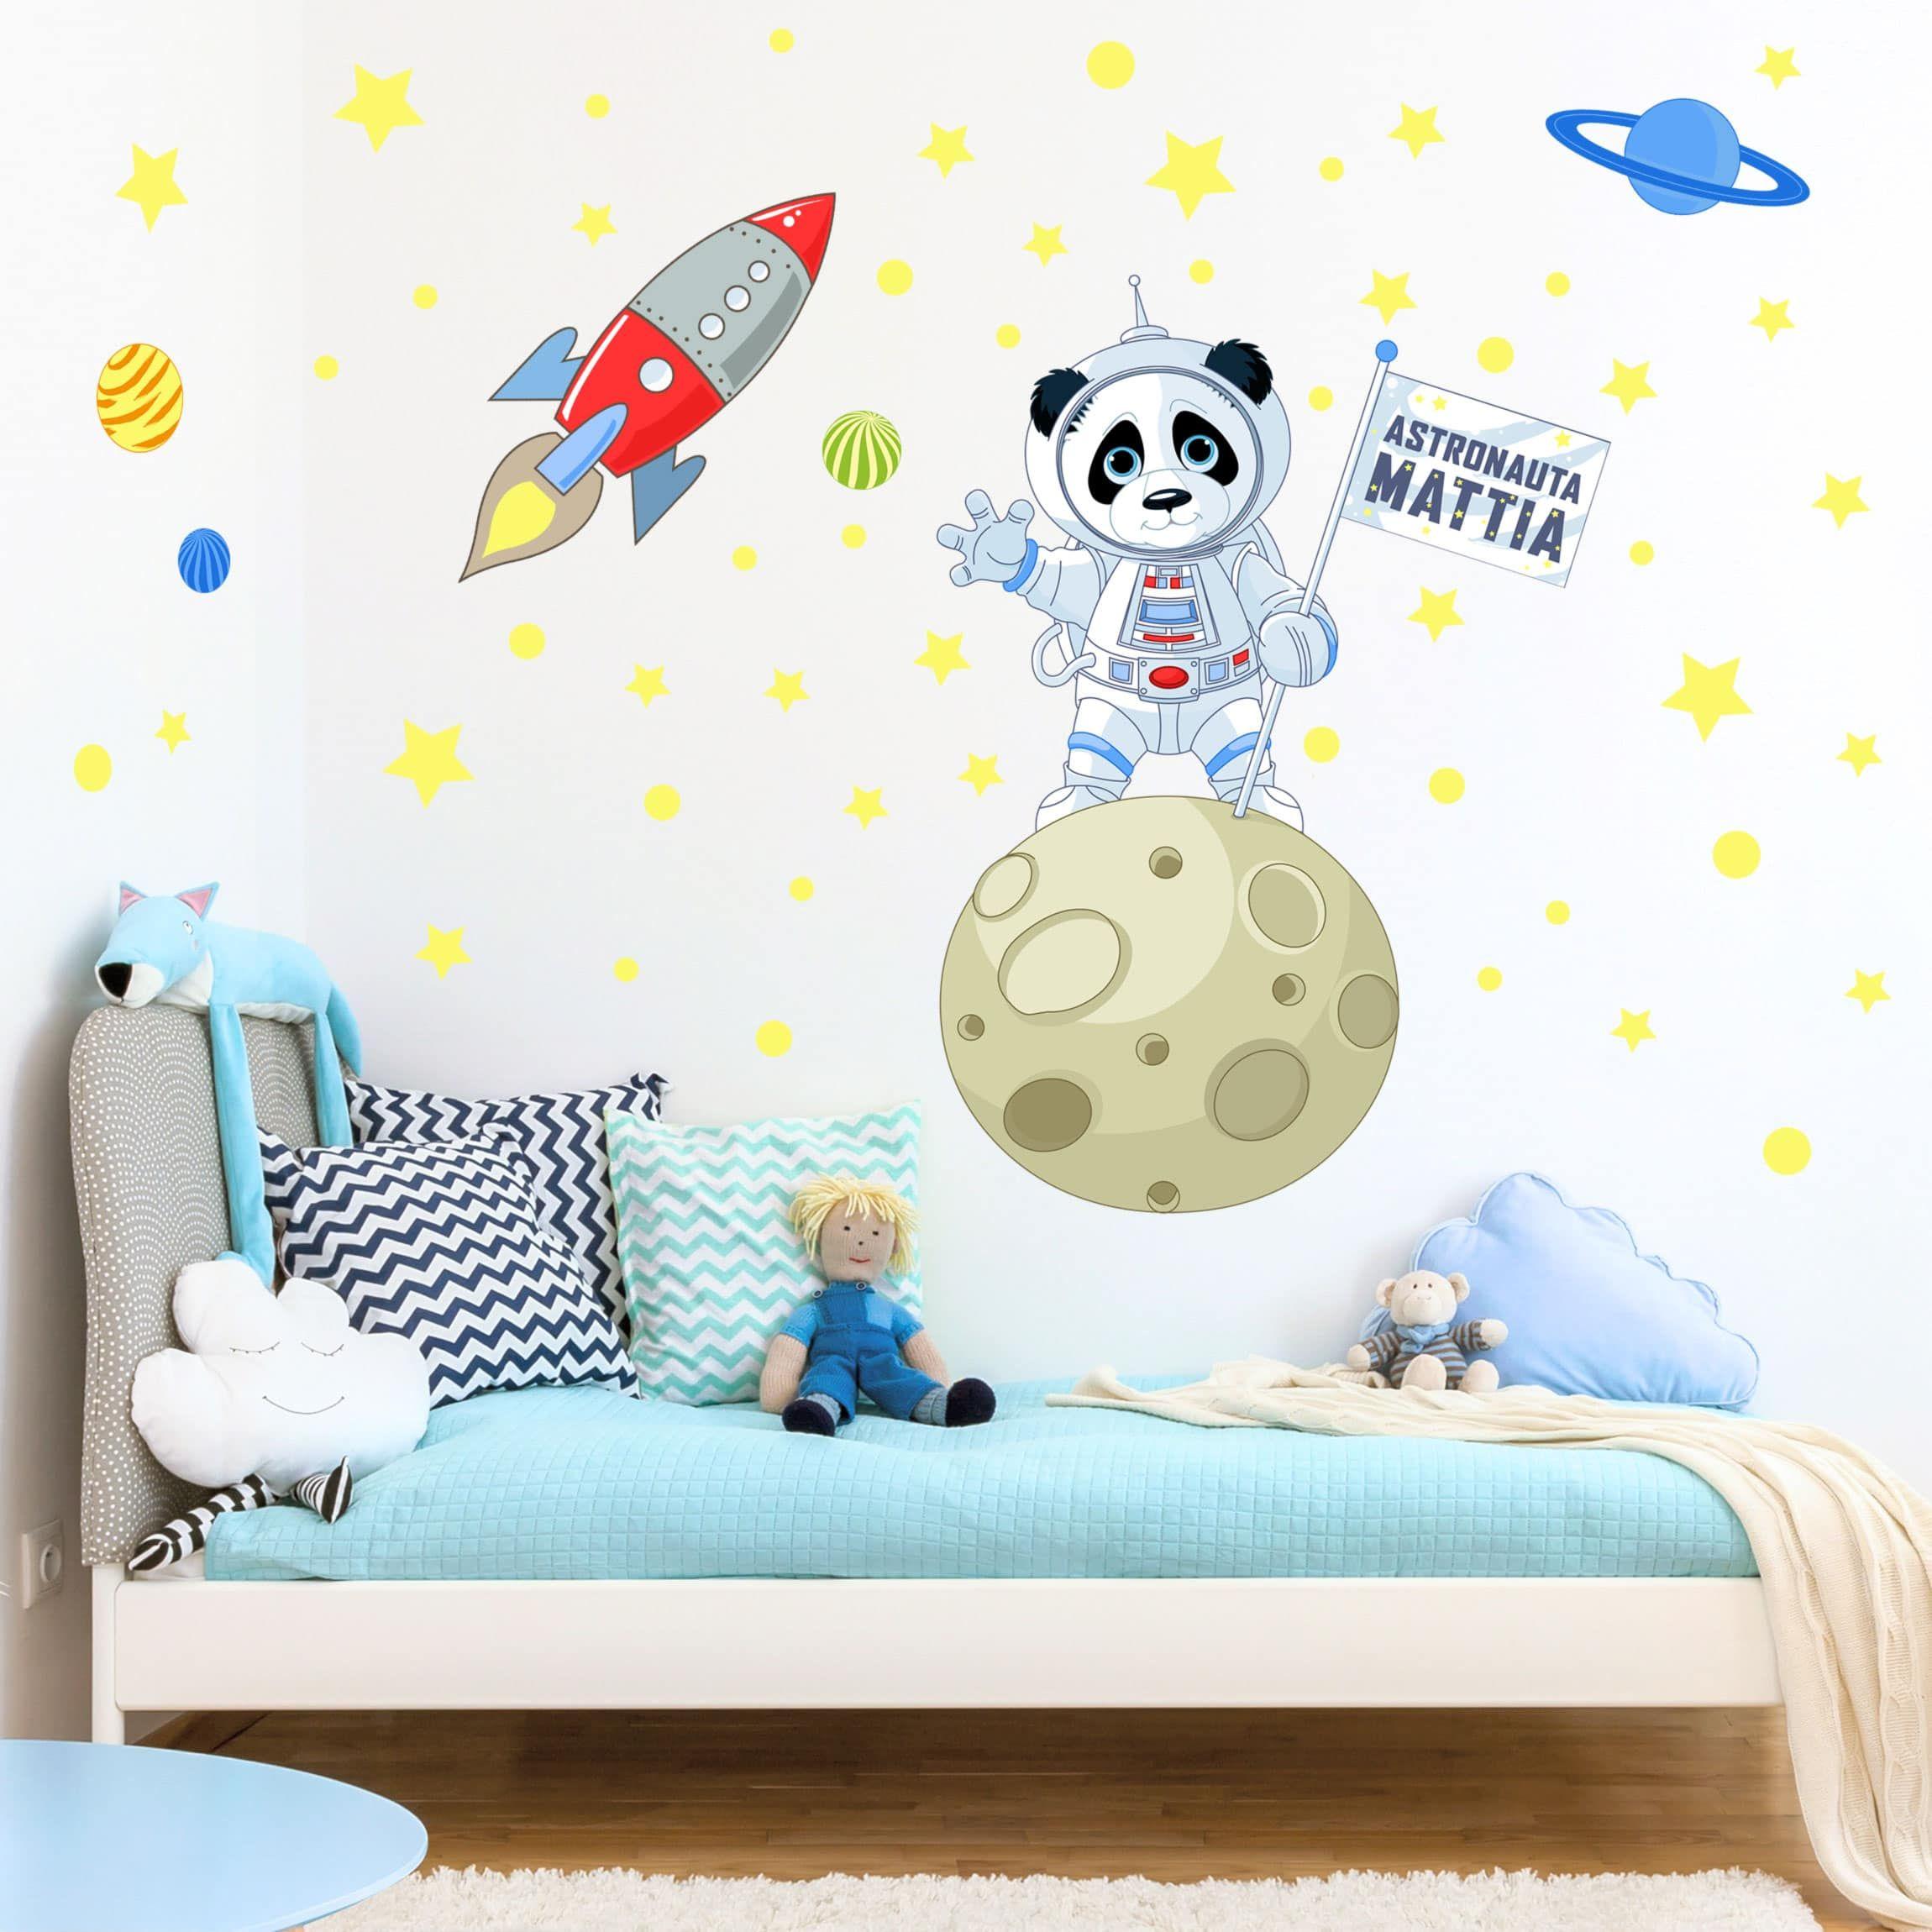 Adesivi Per Stanzette.Adesivo Murale Bambini Panda Astronauta Nome